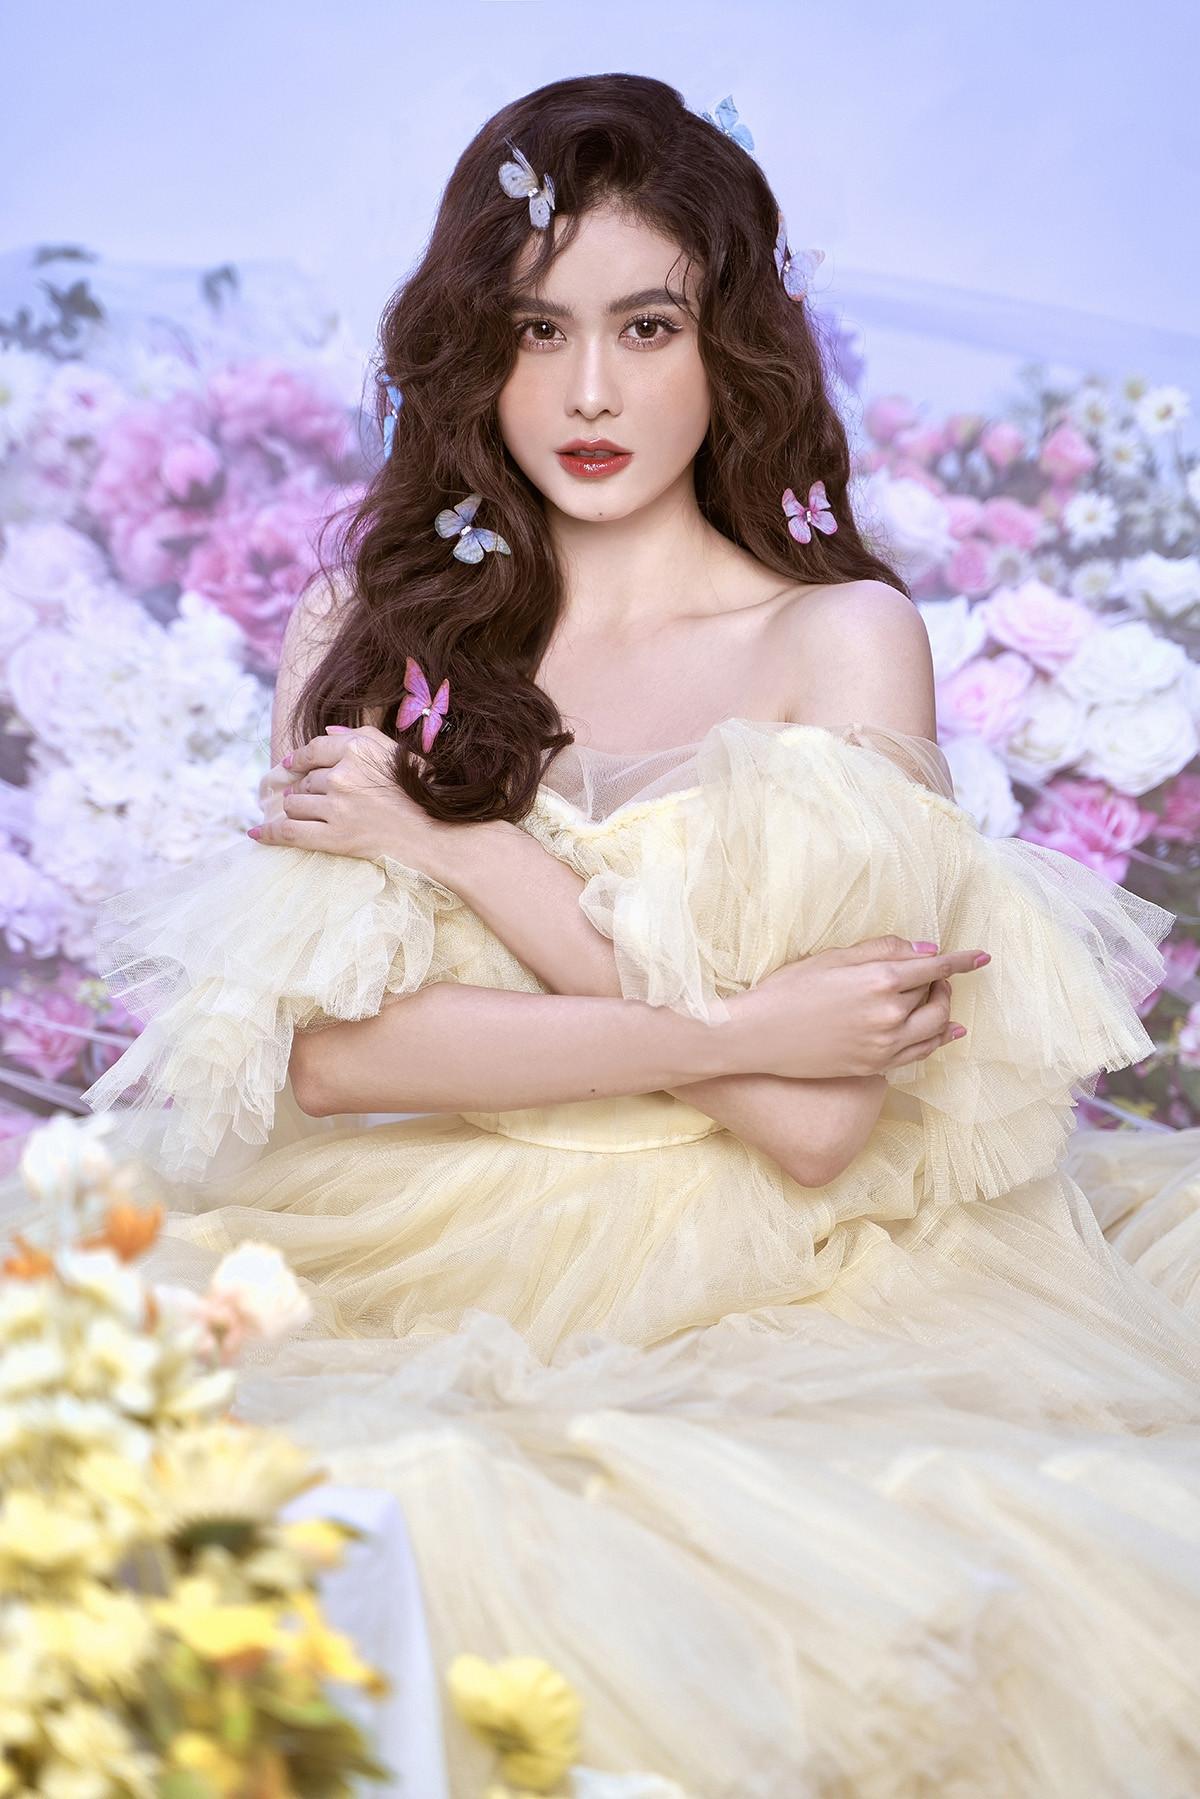 Trương Quỳnh Anh đẹp mong manh trong bộ ảnh mới-6